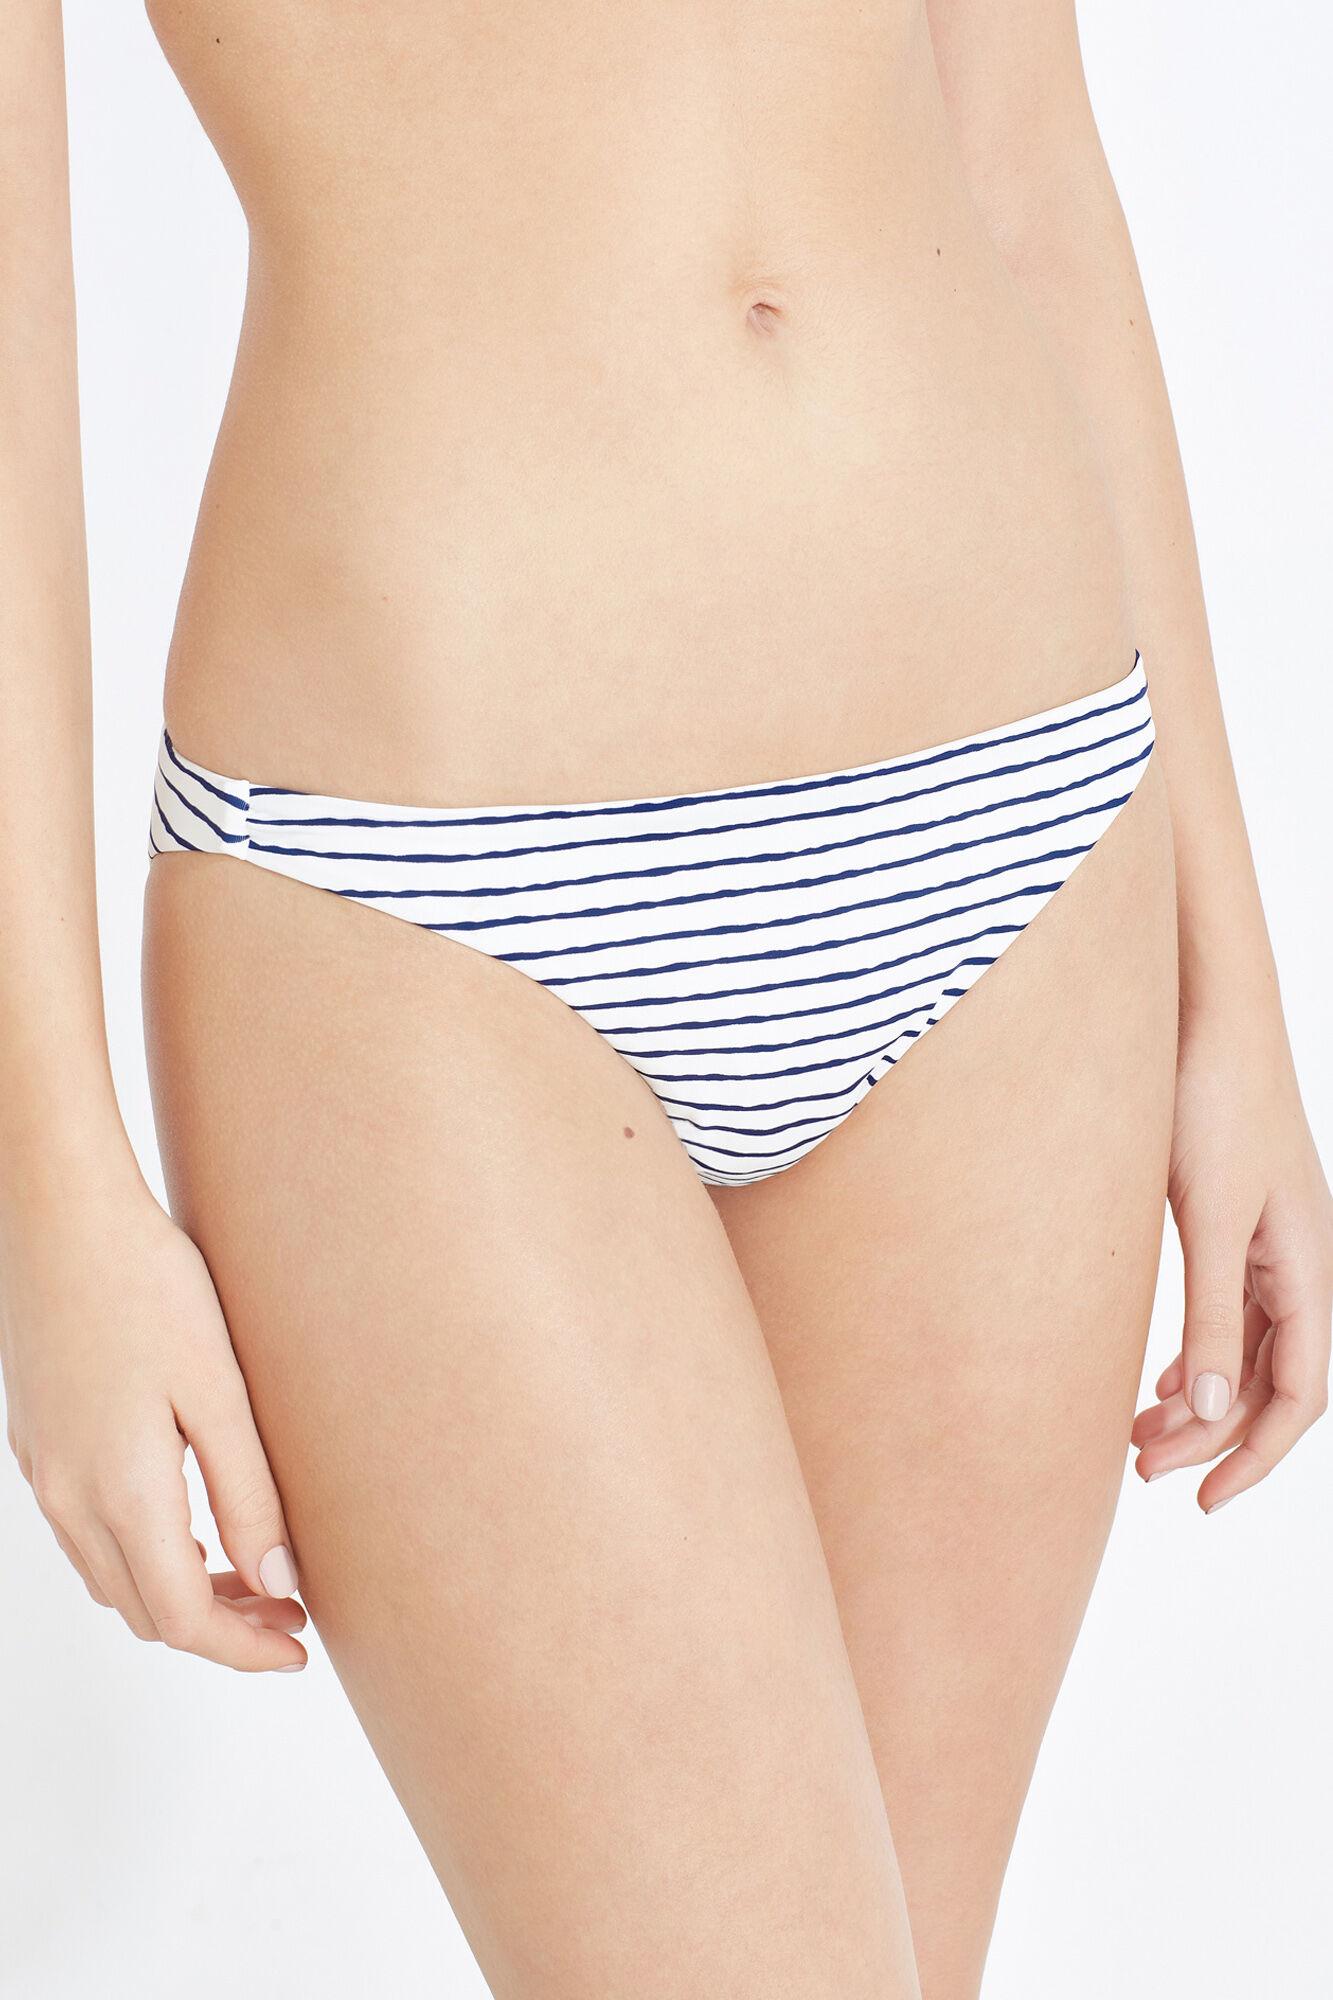 Bikini Brasileña De Braga Bikini De Braga Brasileña POnwk0